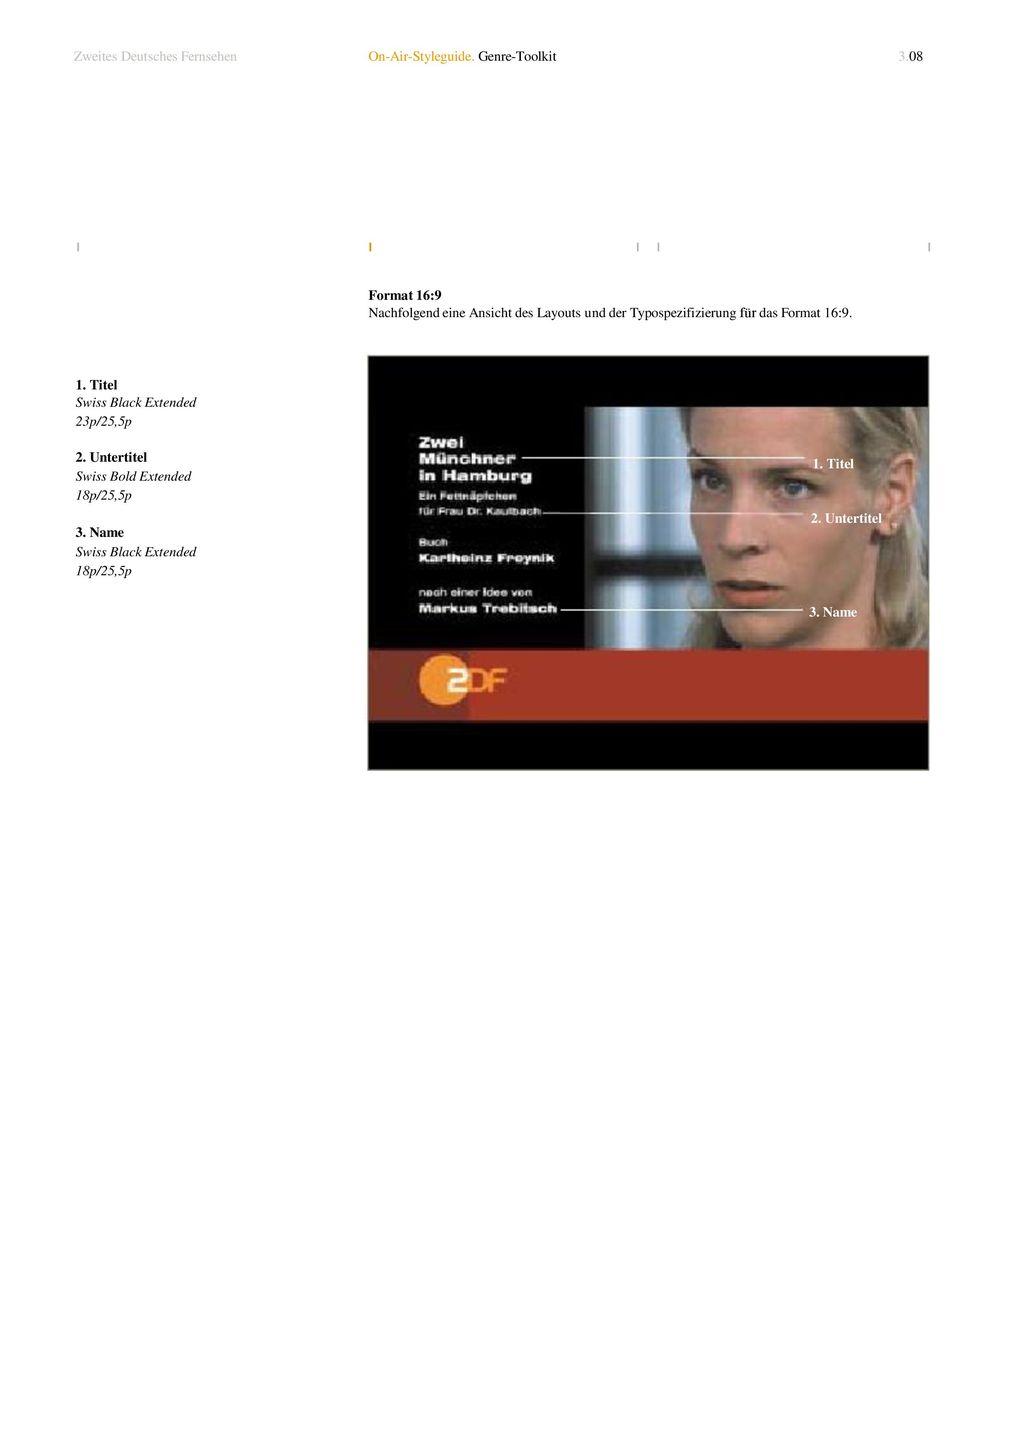 1. Titel 2. Untertitel 3. Name Zweites Deutsches Fernsehen